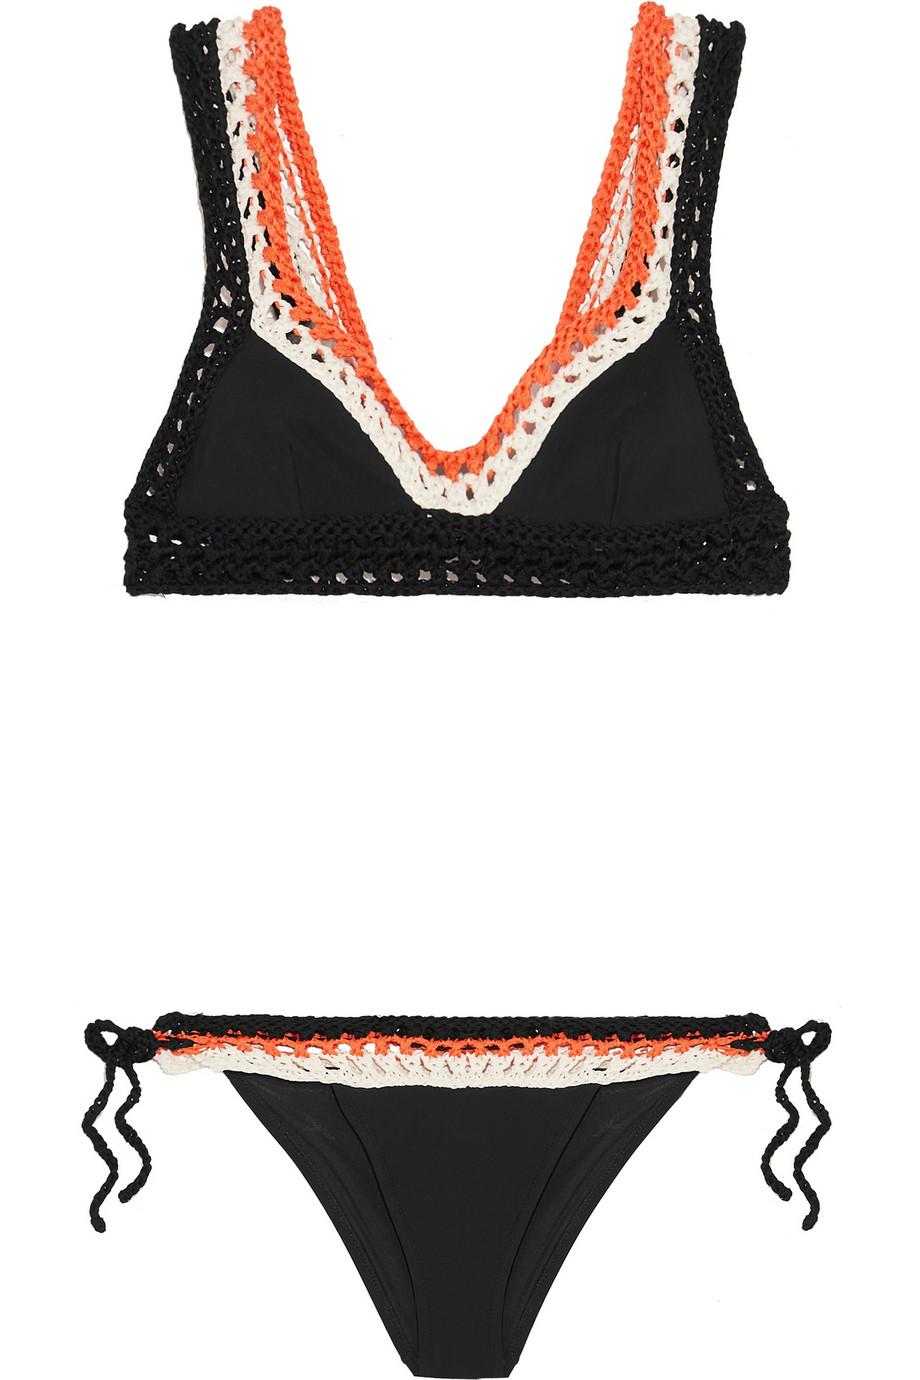 Emilio Pucci Crocheted Cotton Triangle Bikini black orange white colorblocked